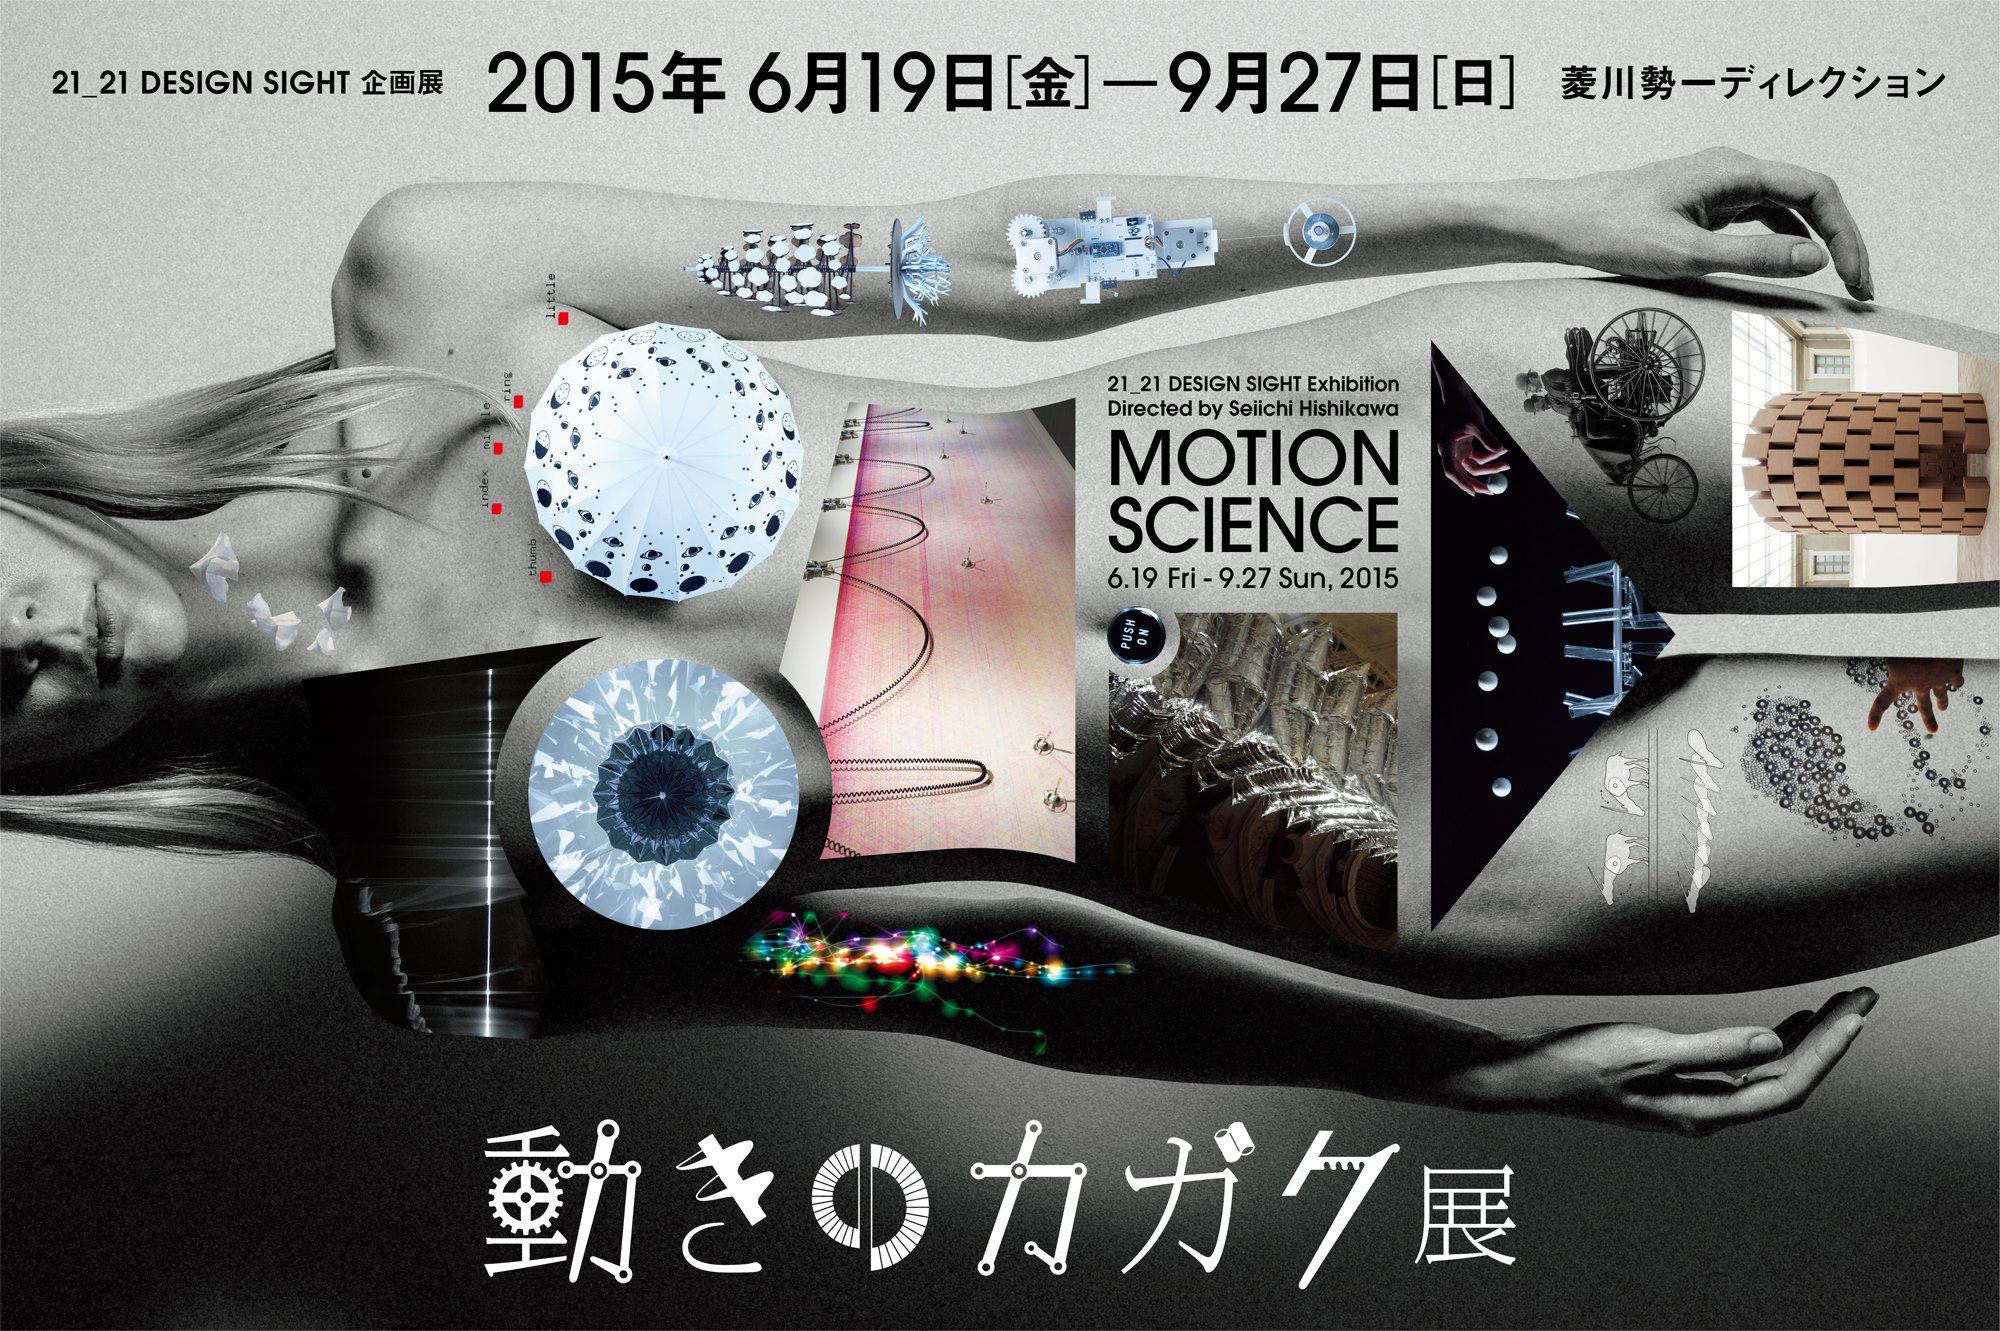 motionscience001.jpg